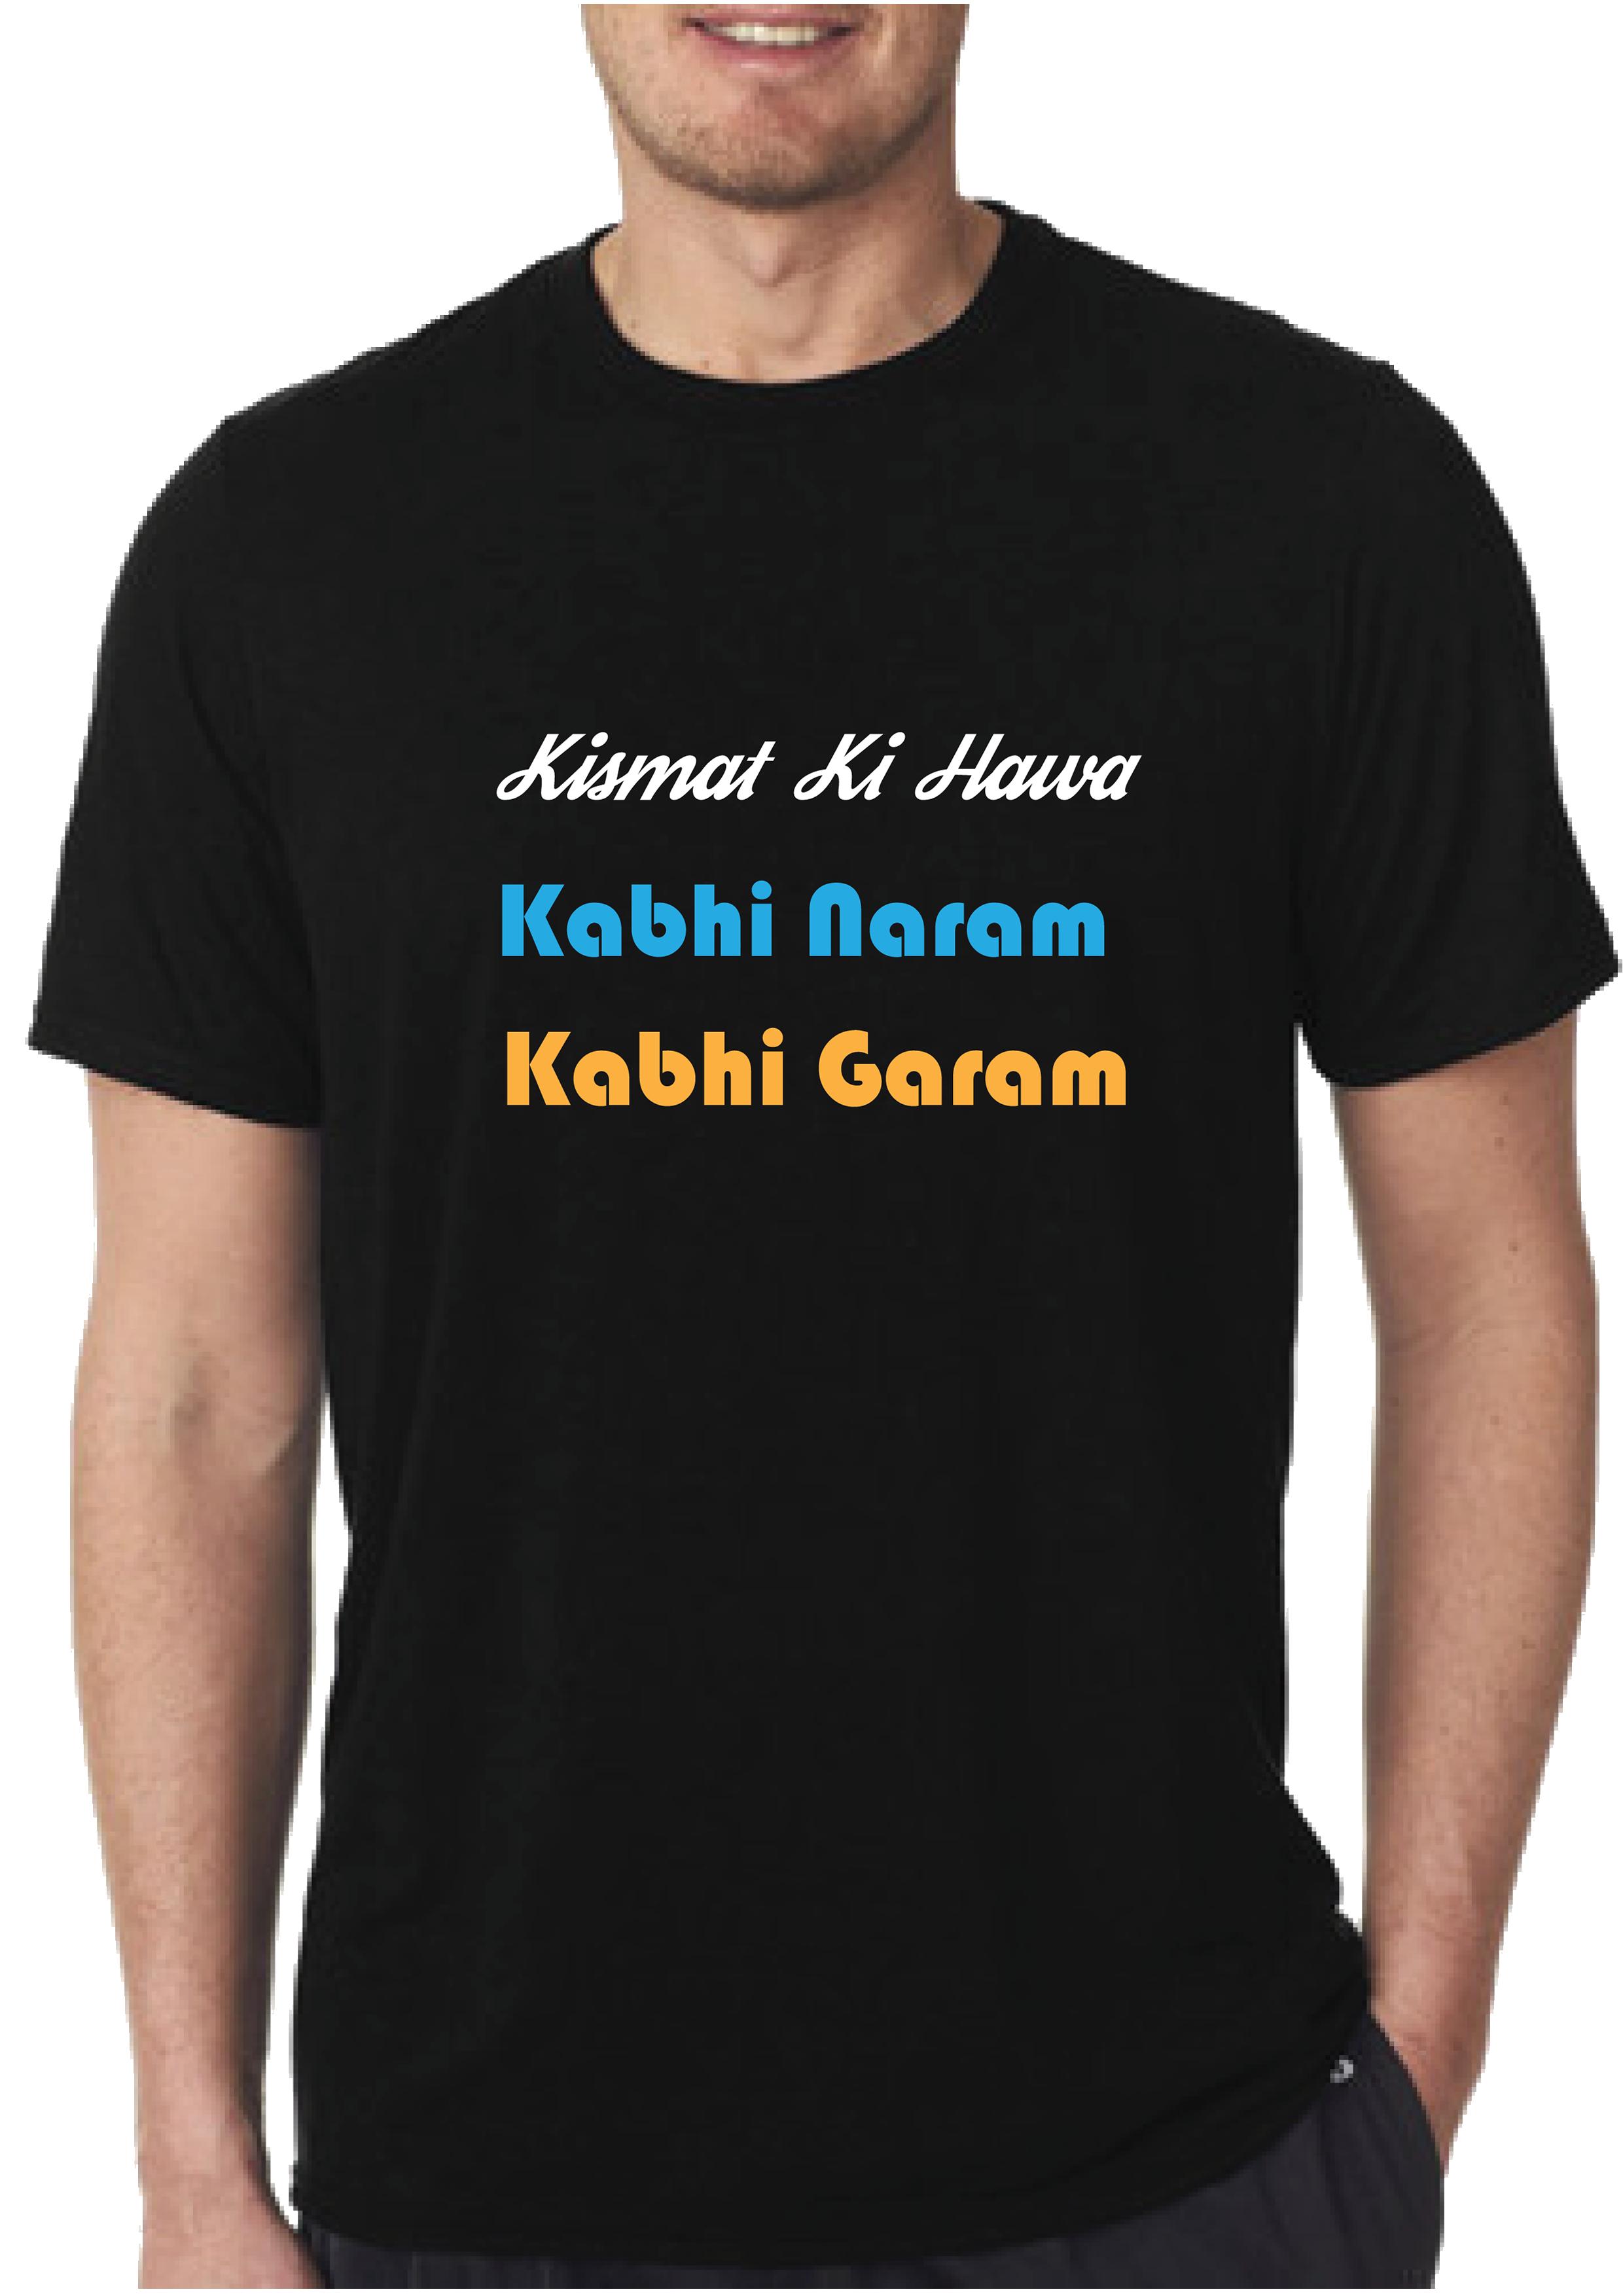 Kismat Ki Hawa kabhi Naram Kabhi Garam T-shirt for Men Slider Thumbnail 1/2